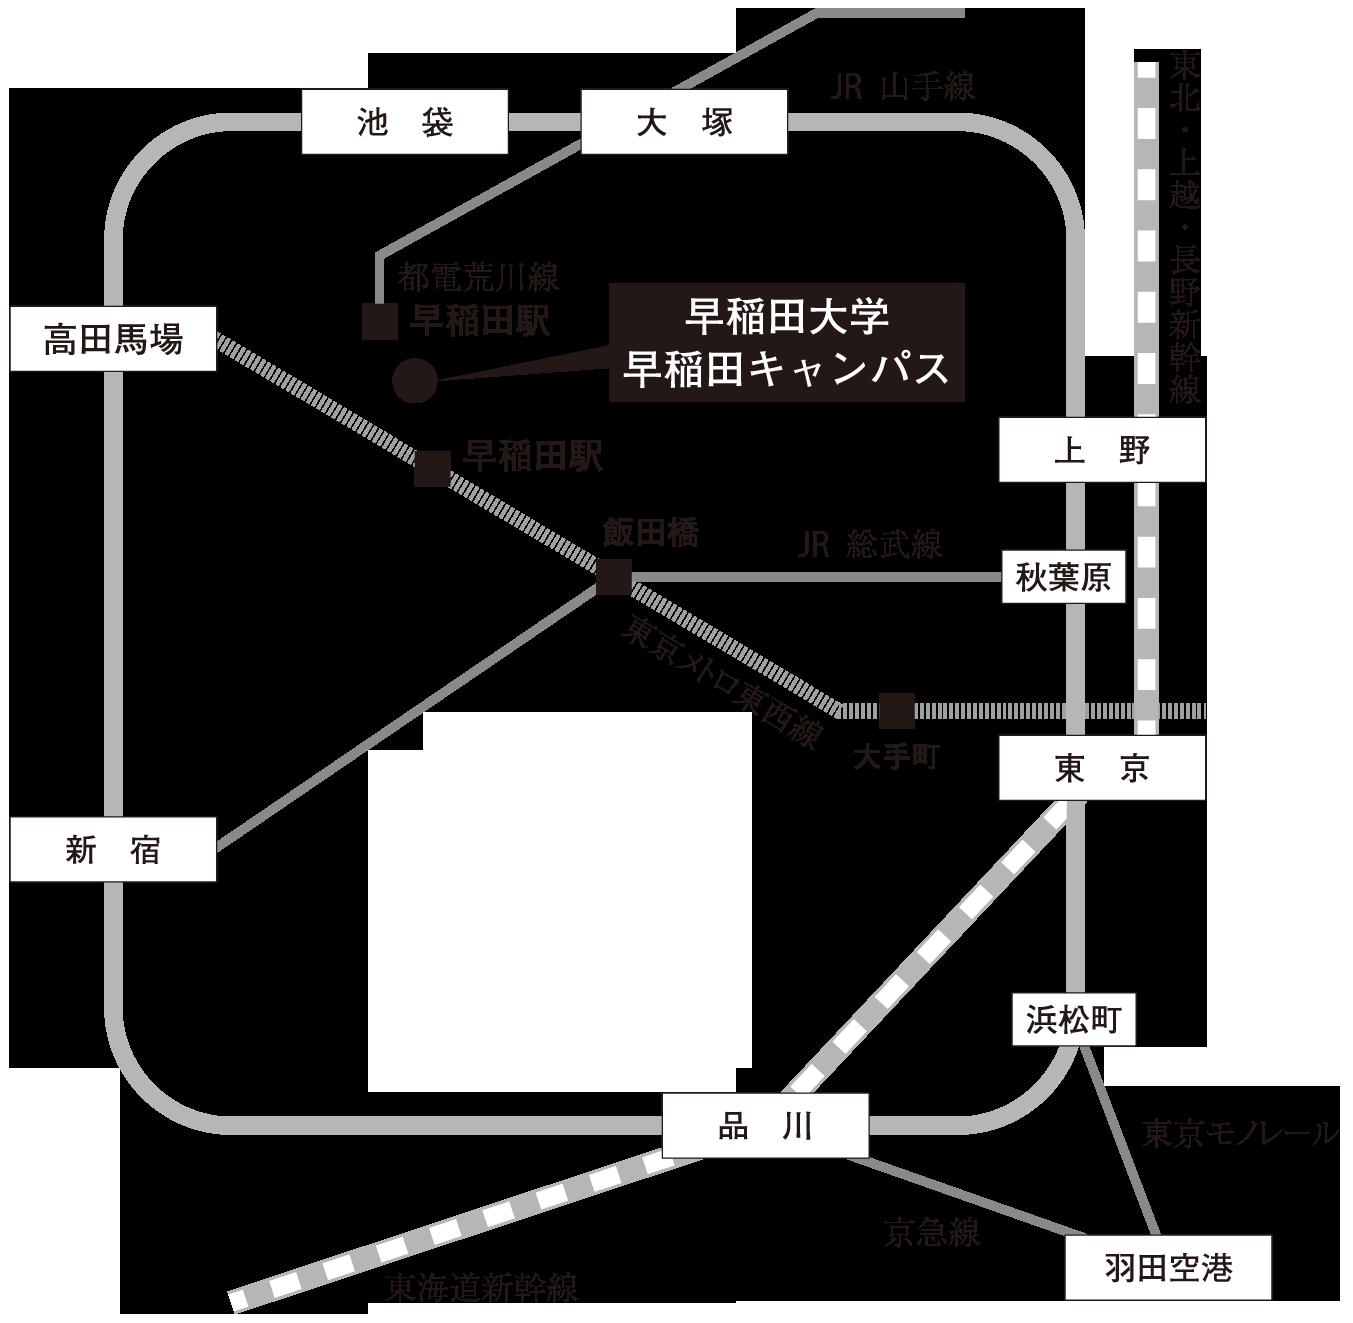 2014春季会場周辺案内図